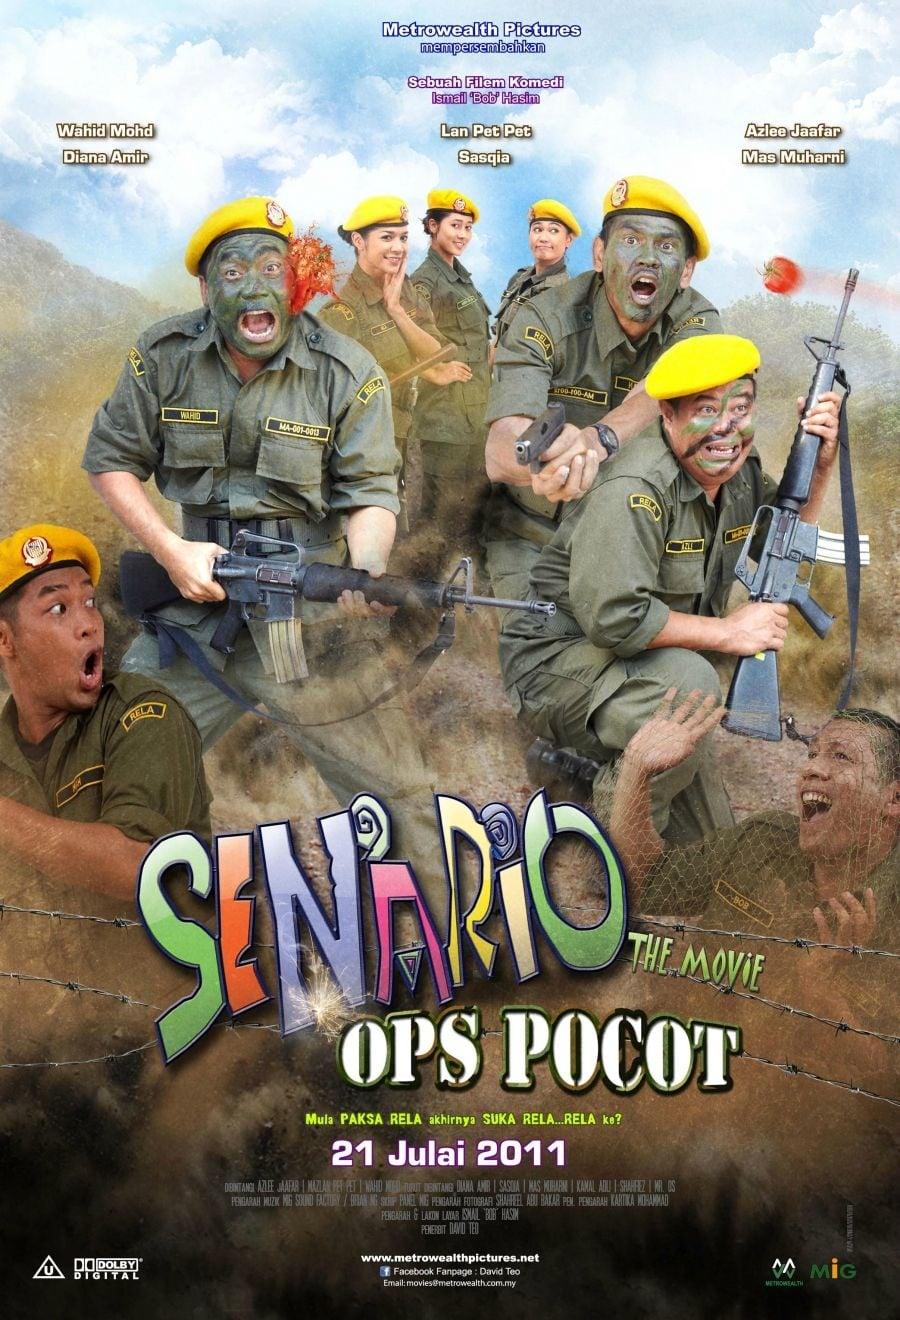 Senario The Movie: Ops Pocot